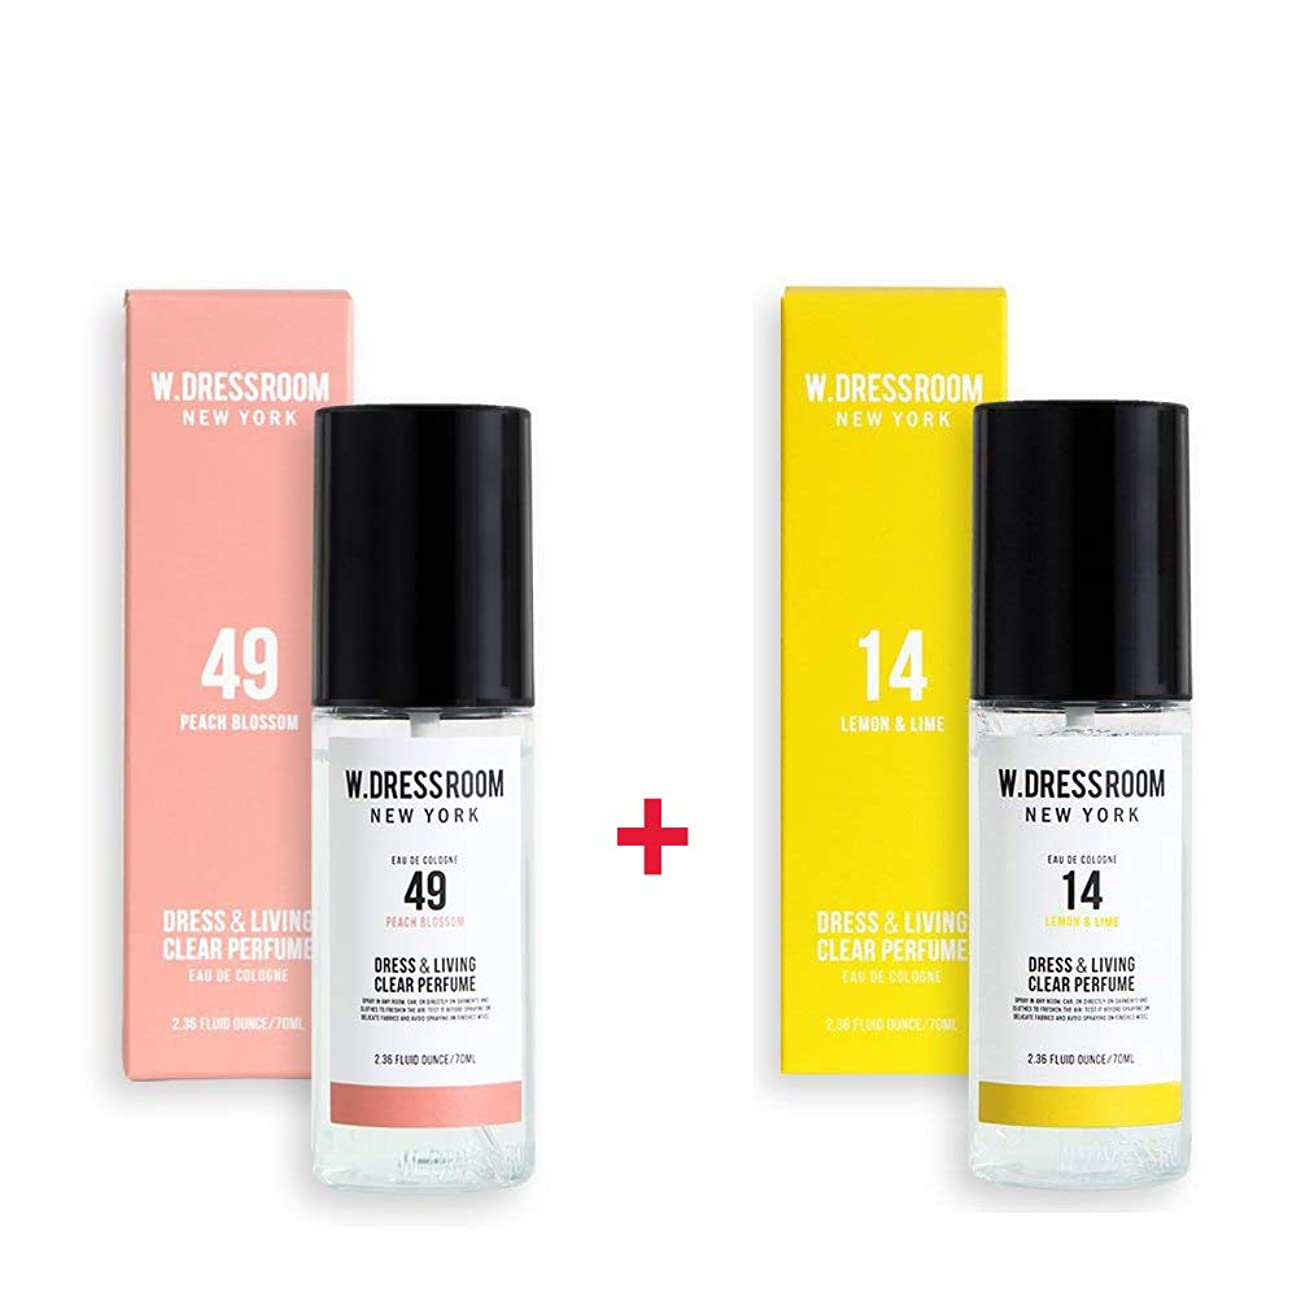 天囲むパステルW.DRESSROOM Dress & Living Clear Perfume 70ml (No 49 Peach Blossom)+(No 14 Lemon & Lime)